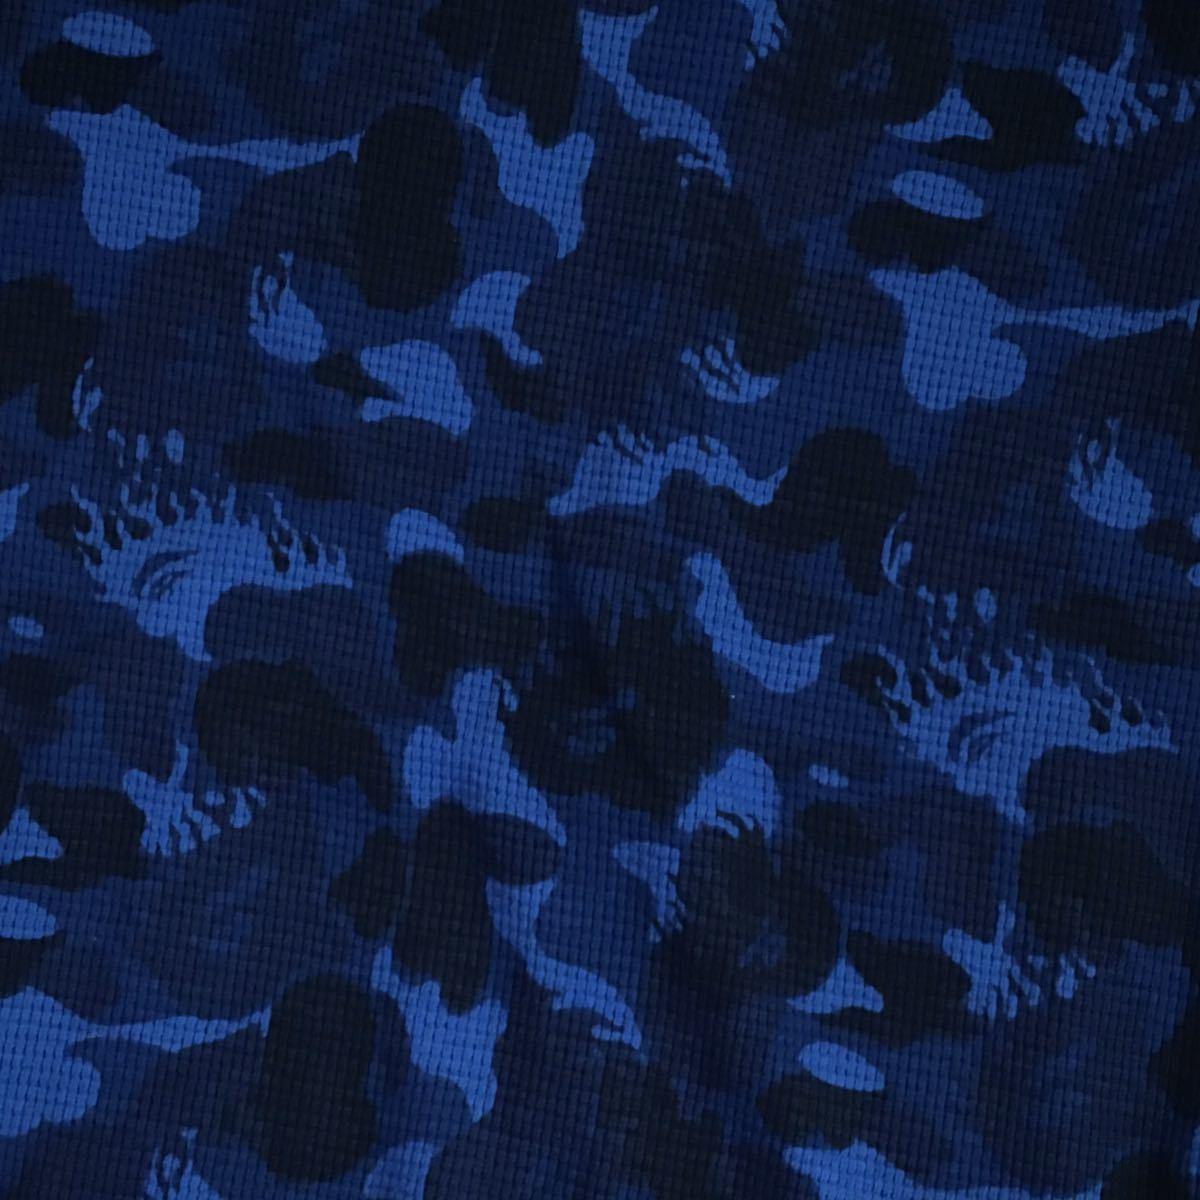 ★激レア★ Fire camo パーカー Mサイズ a bathing ape bape hoodie エイプ ベイプ アベイシングエイプ ファイヤーカモ blue ブルー 迷彩_画像4